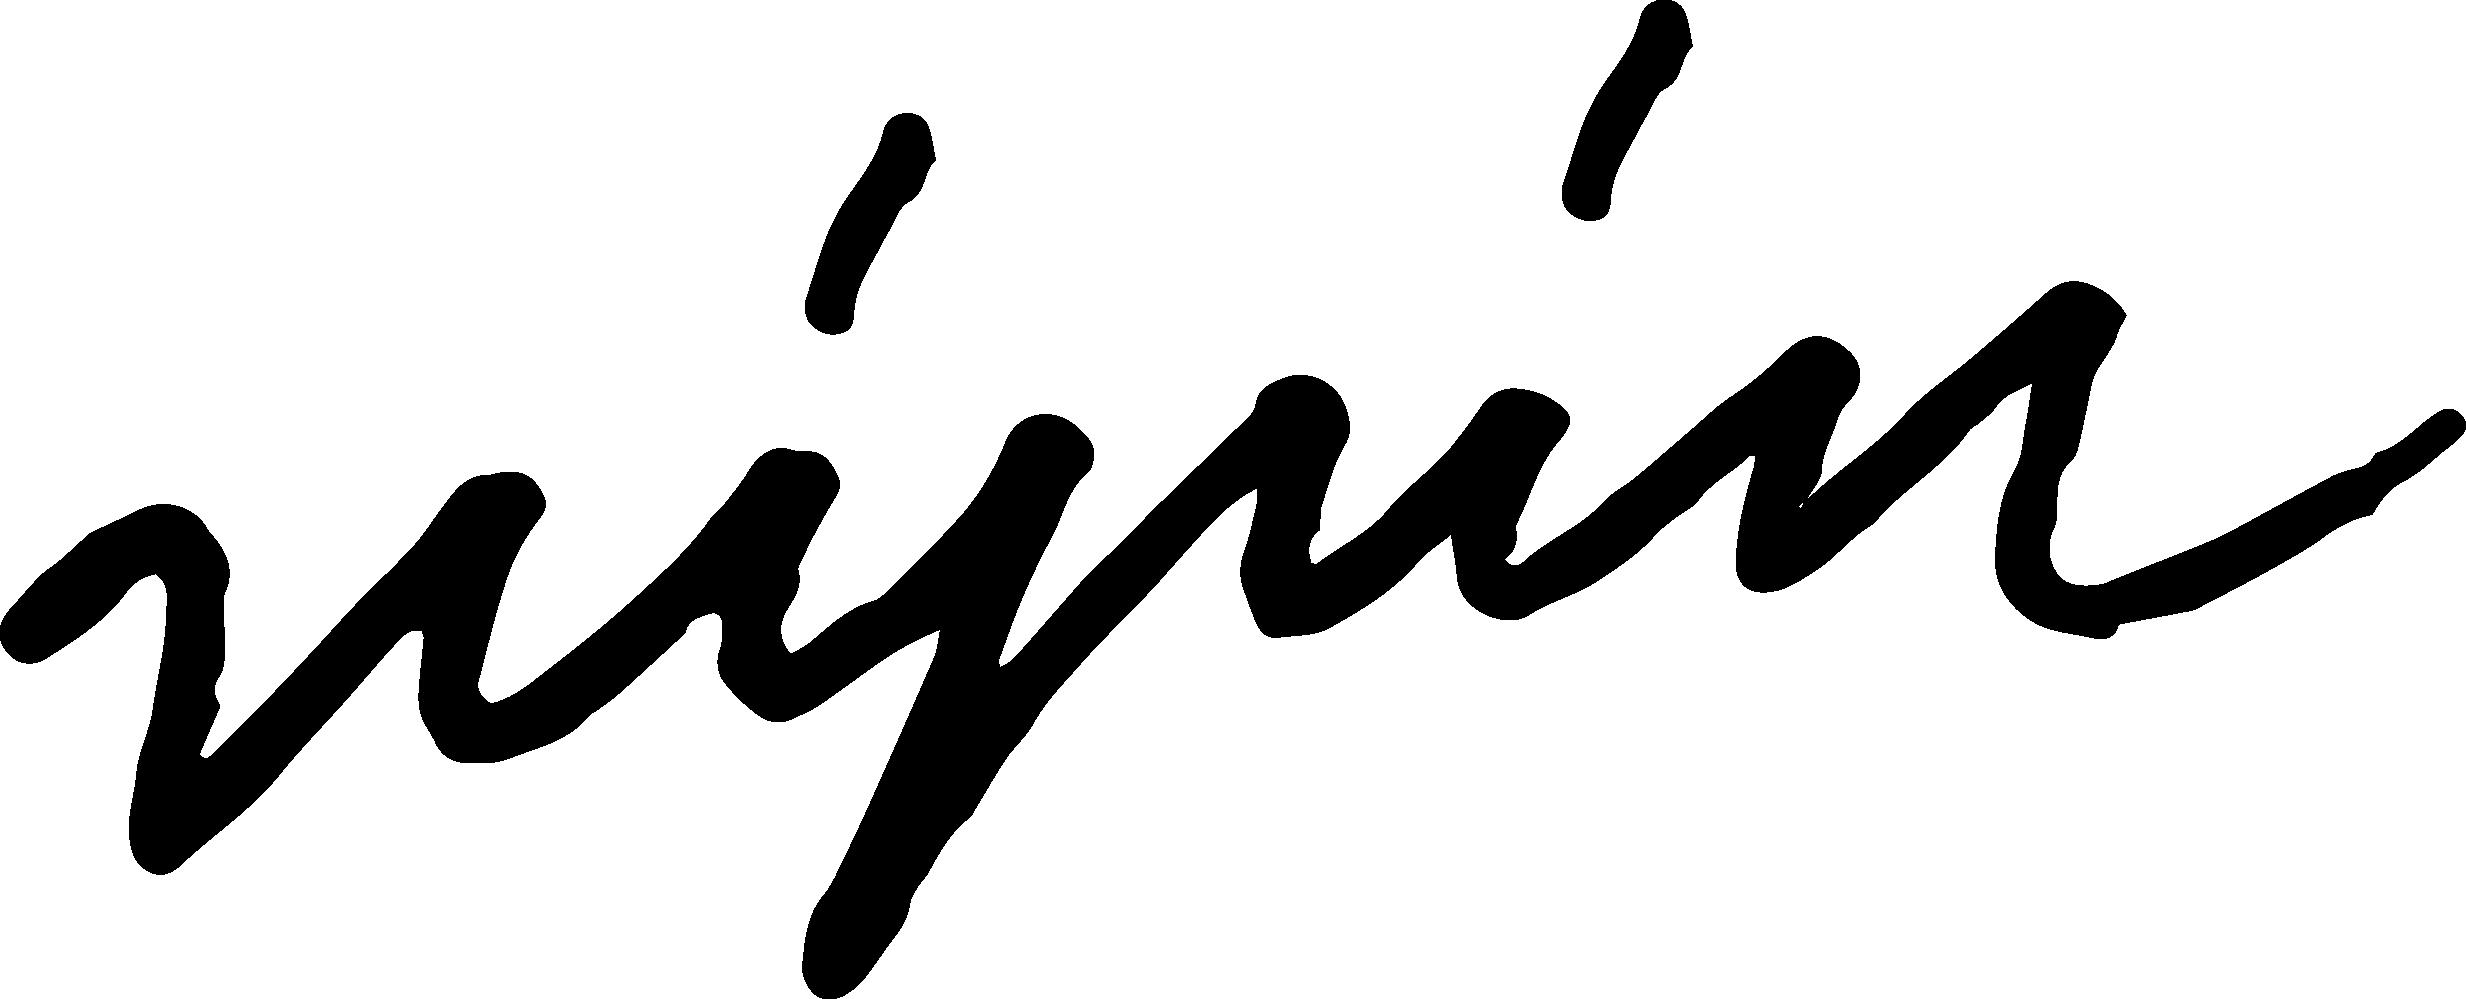 Vipin Udayanan Signature